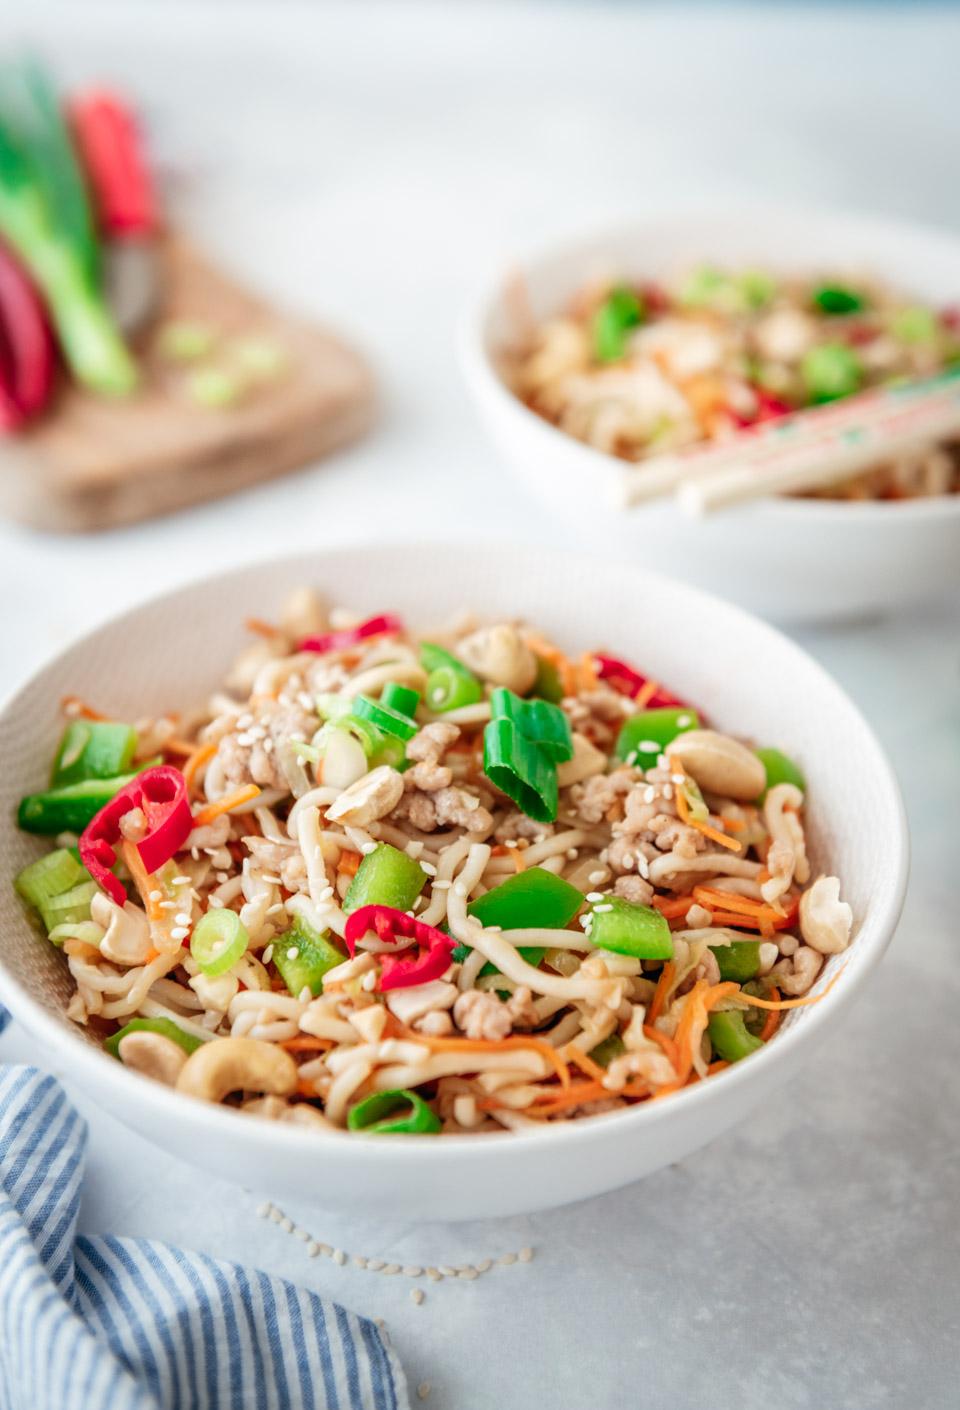 Snelle wokmaaltijd- noedels met kip en groenten en uit de wok